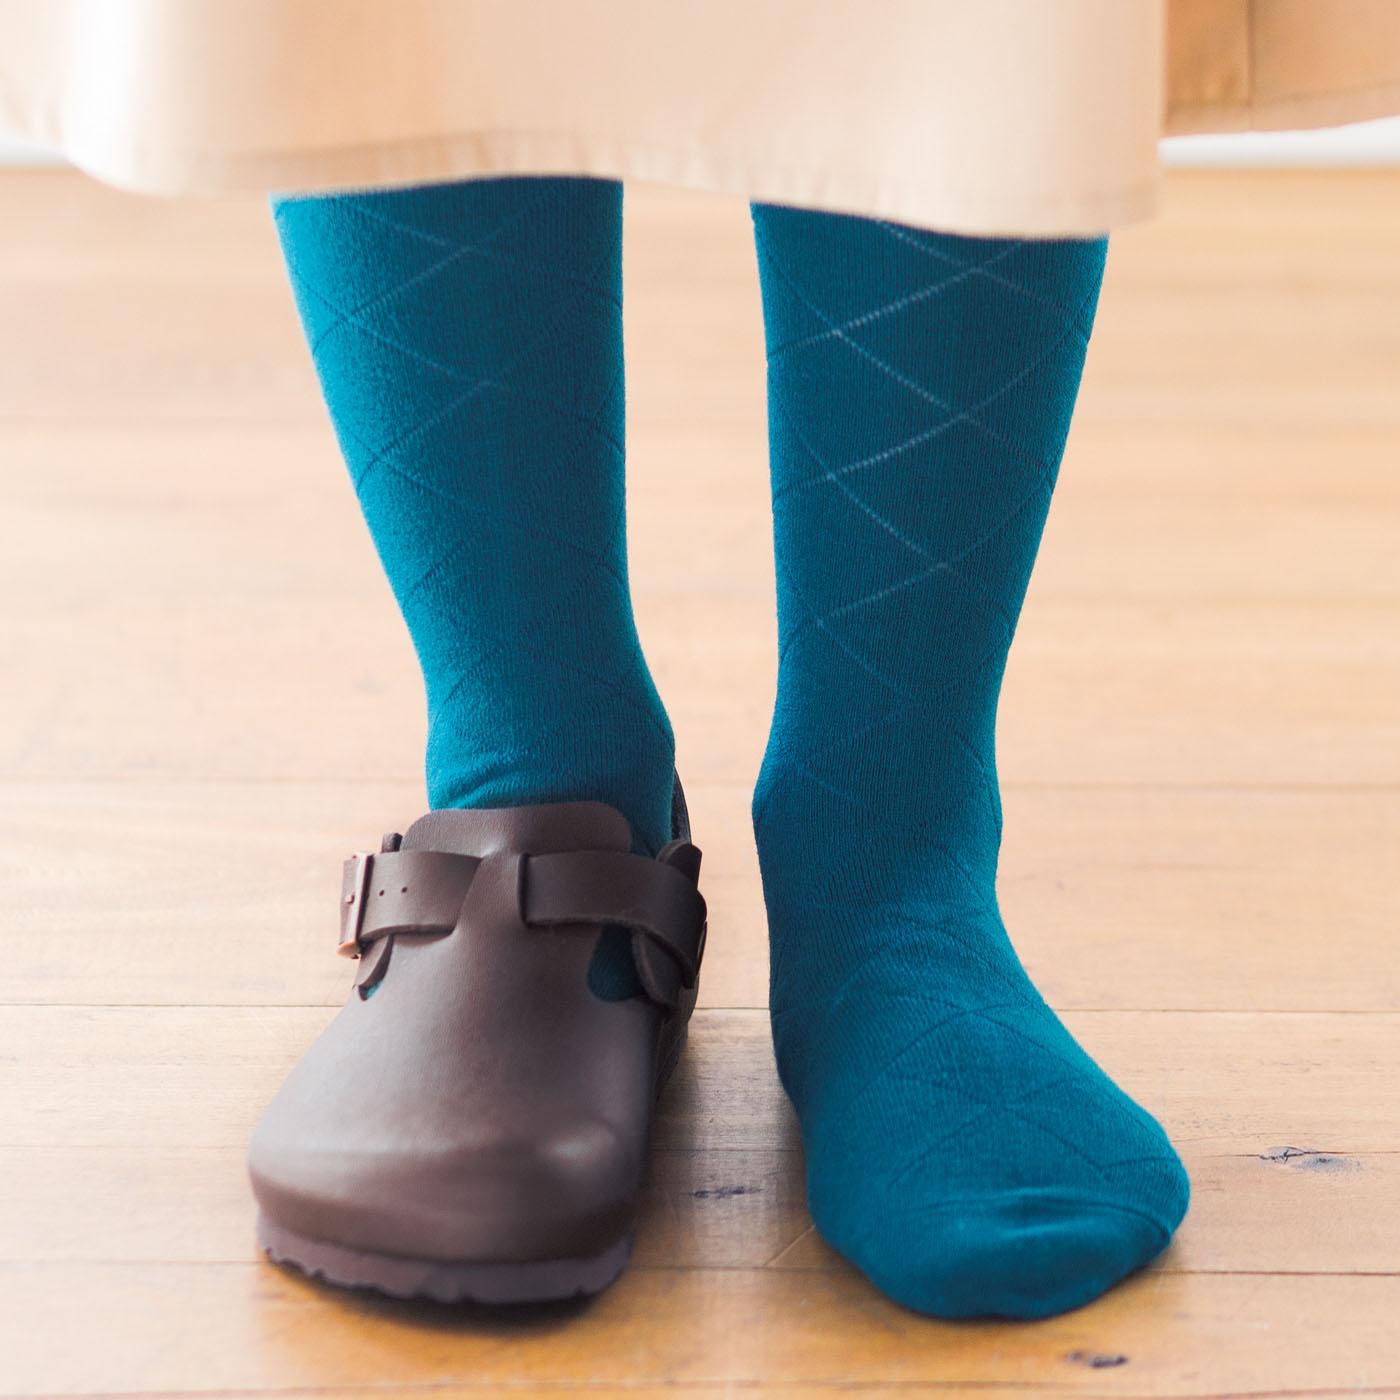 スリッポンやブーツの足先もぬくぬく。はきやすいからタイツとの重ねばきも◎。